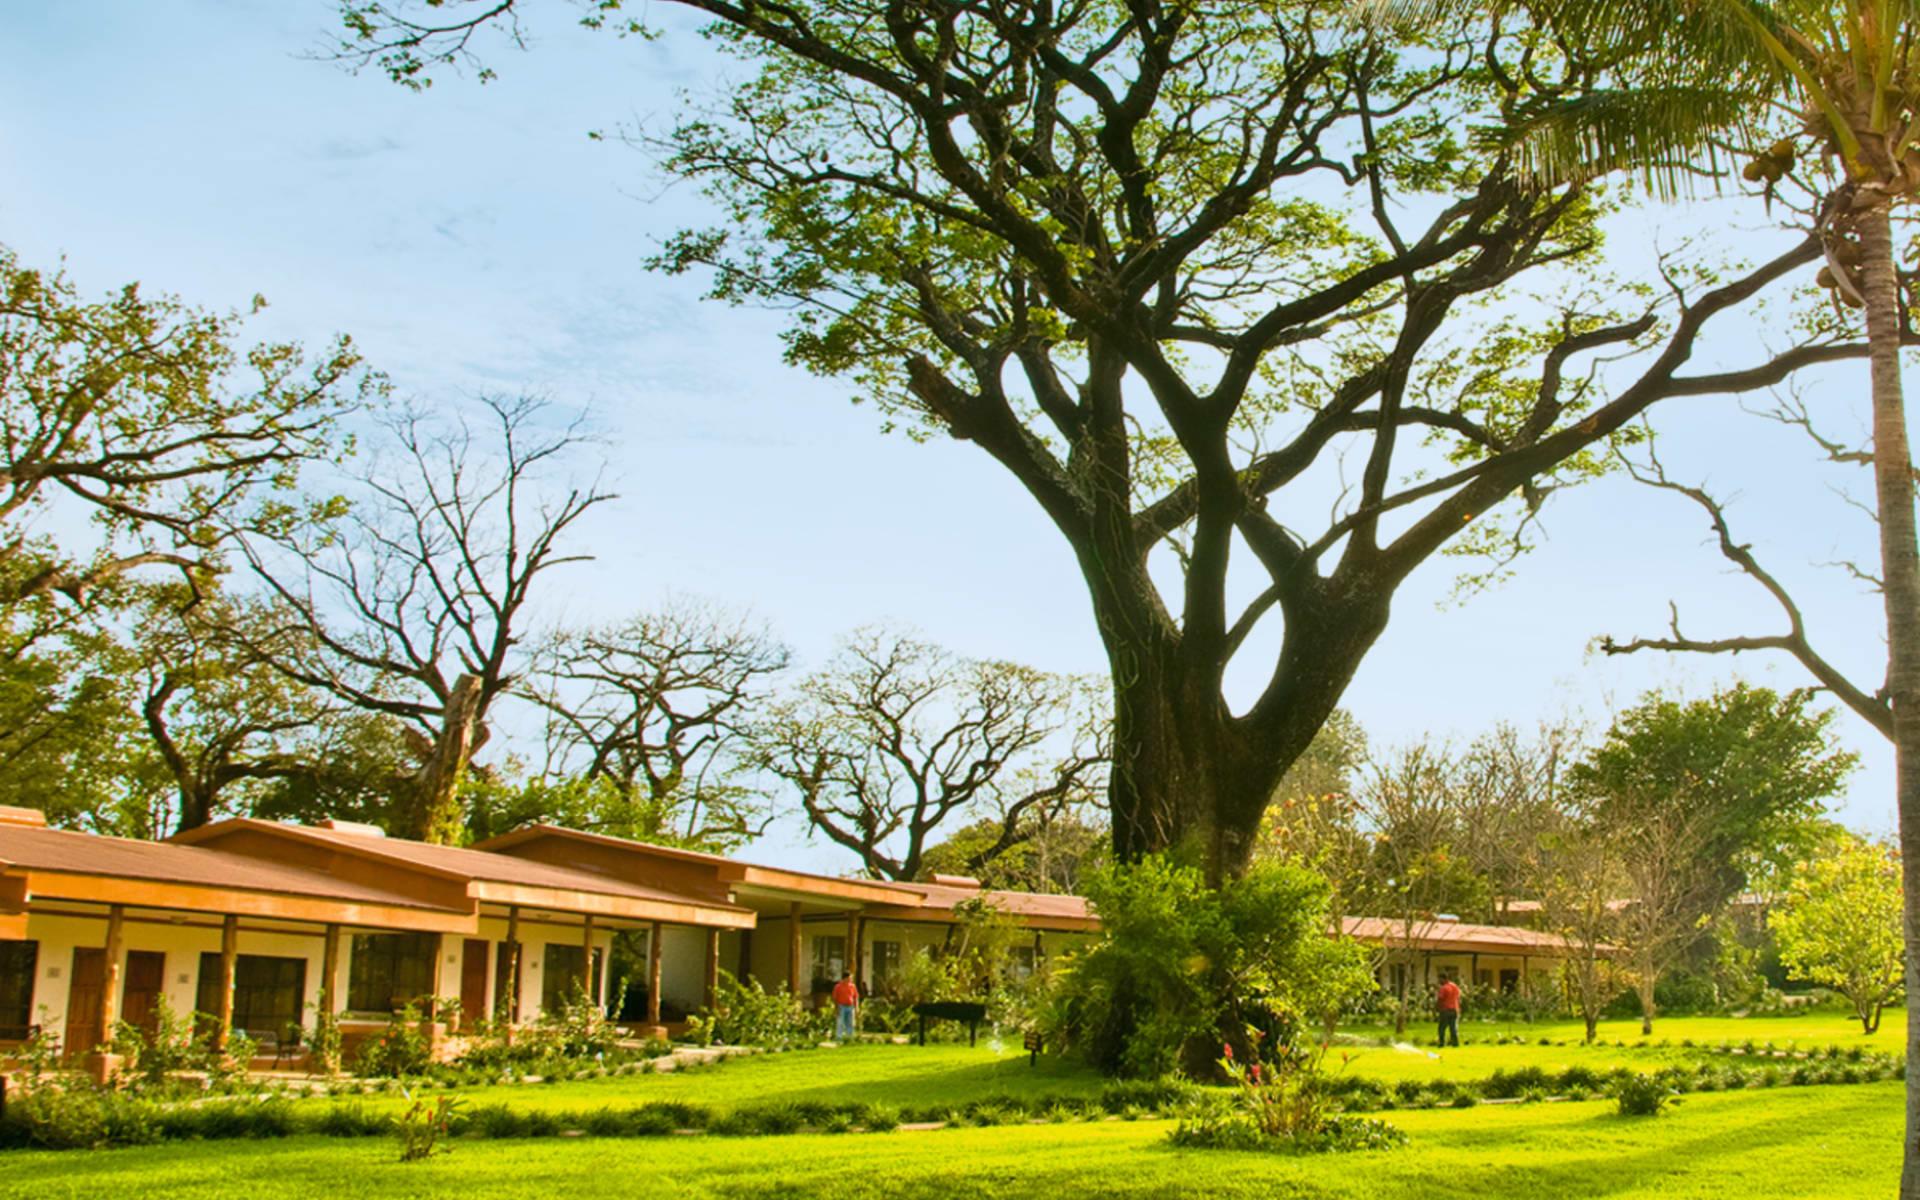 Hacienda Guachipelín in Rincón de la Vieja: exterior hacienda guachipelin wiese bäume